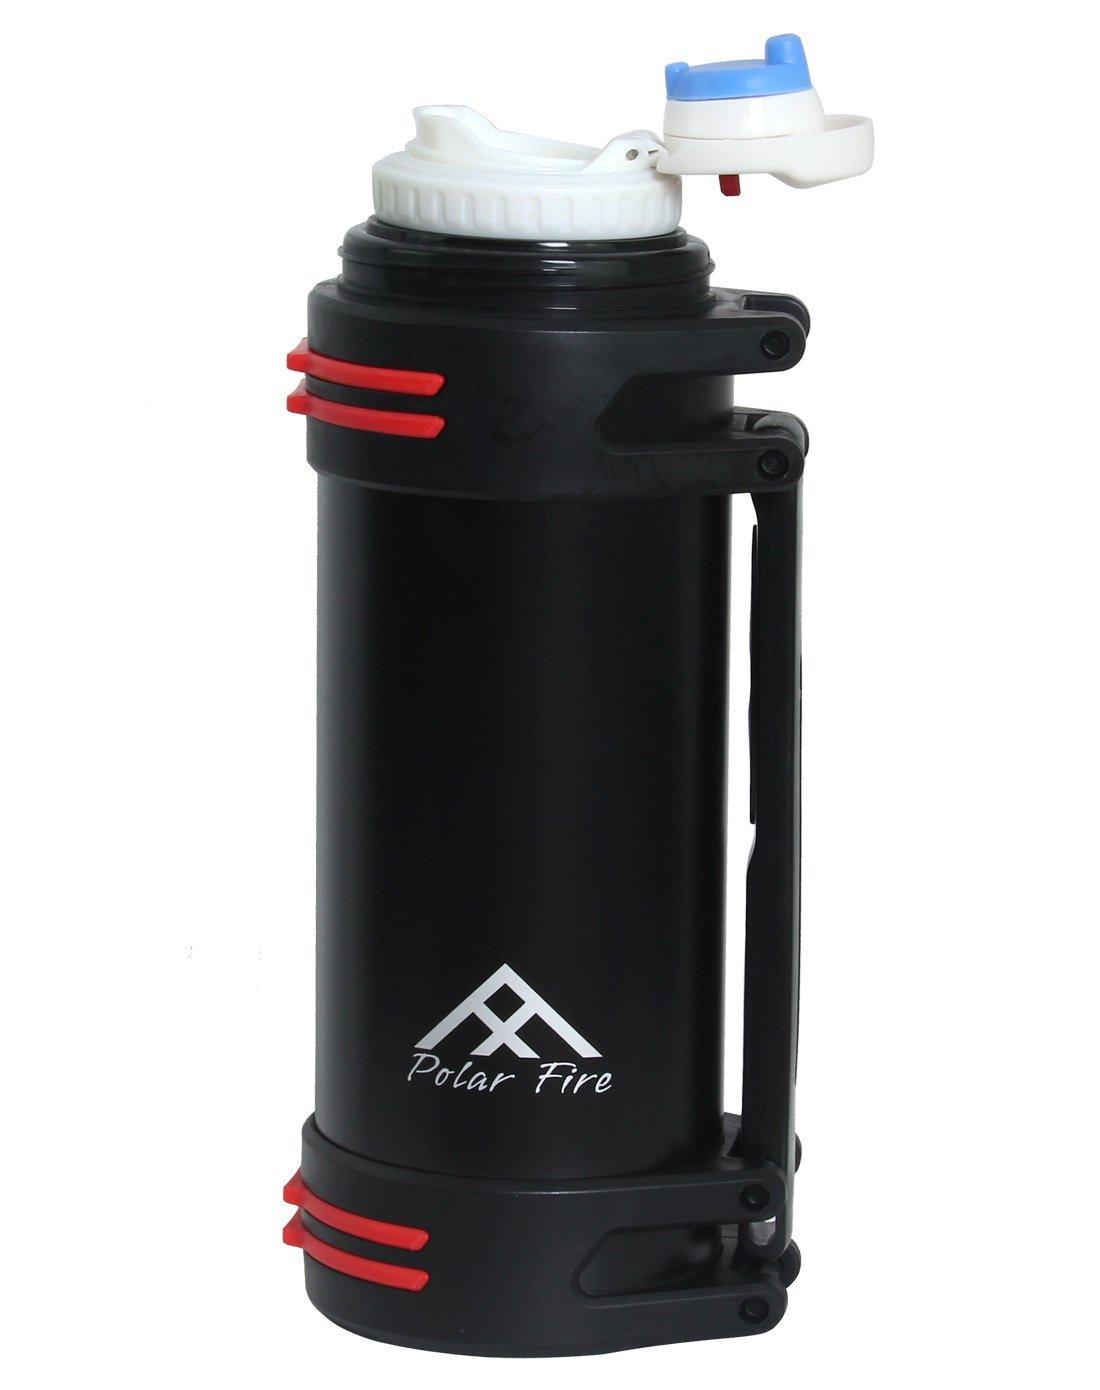 Polar Fire Outdoor Edelstahl Wasser Flasche 2000 ml – Outdoor Sports ...